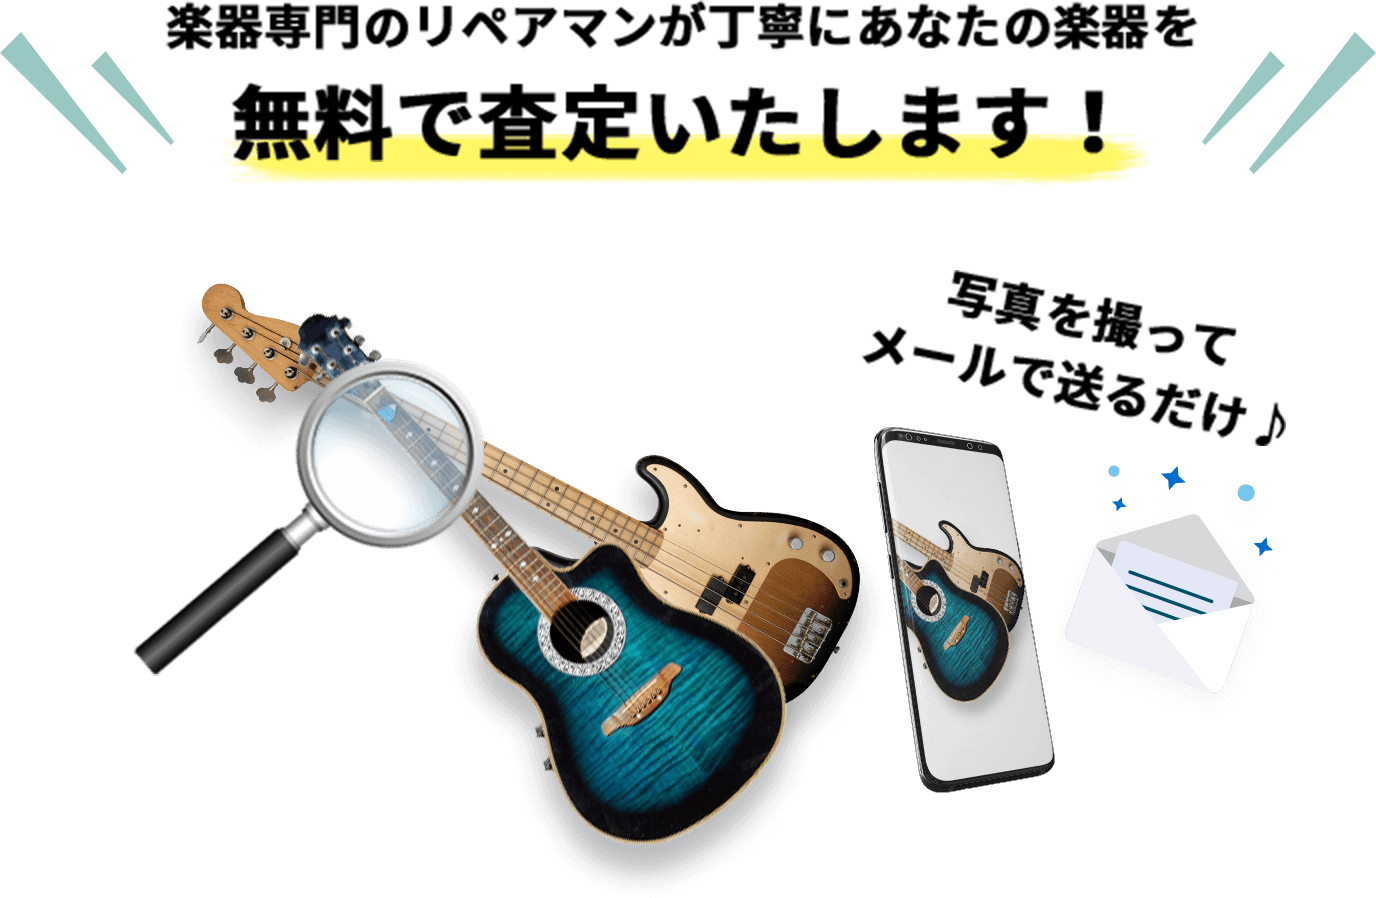 楽器専門のリペアマンが丁寧にあなたの楽器を無料で査定いたします